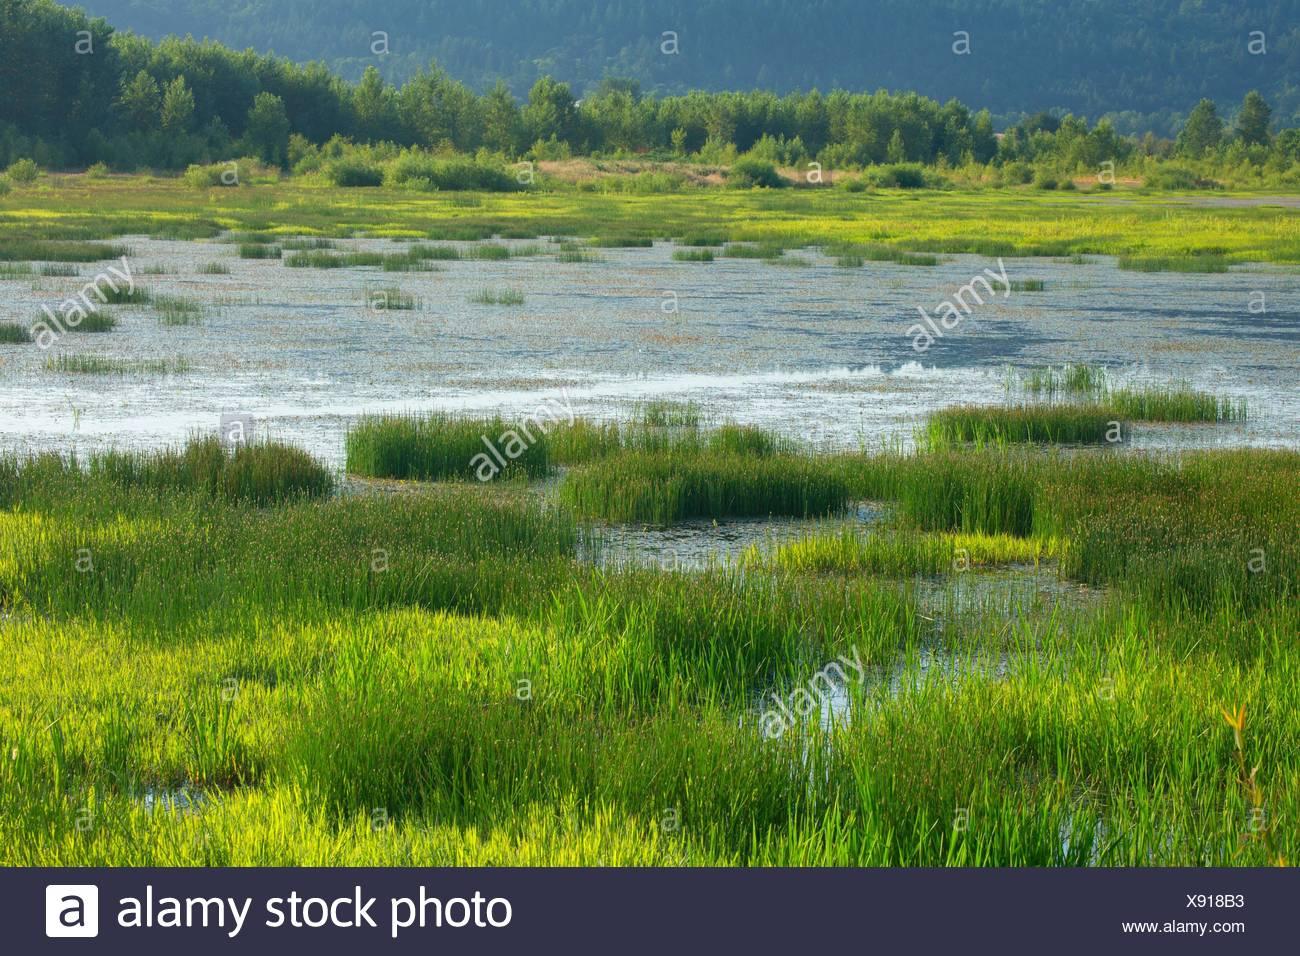 Eagle Marsh, Ankeny National Wildlife Refuge, Oregon. - Stock Image